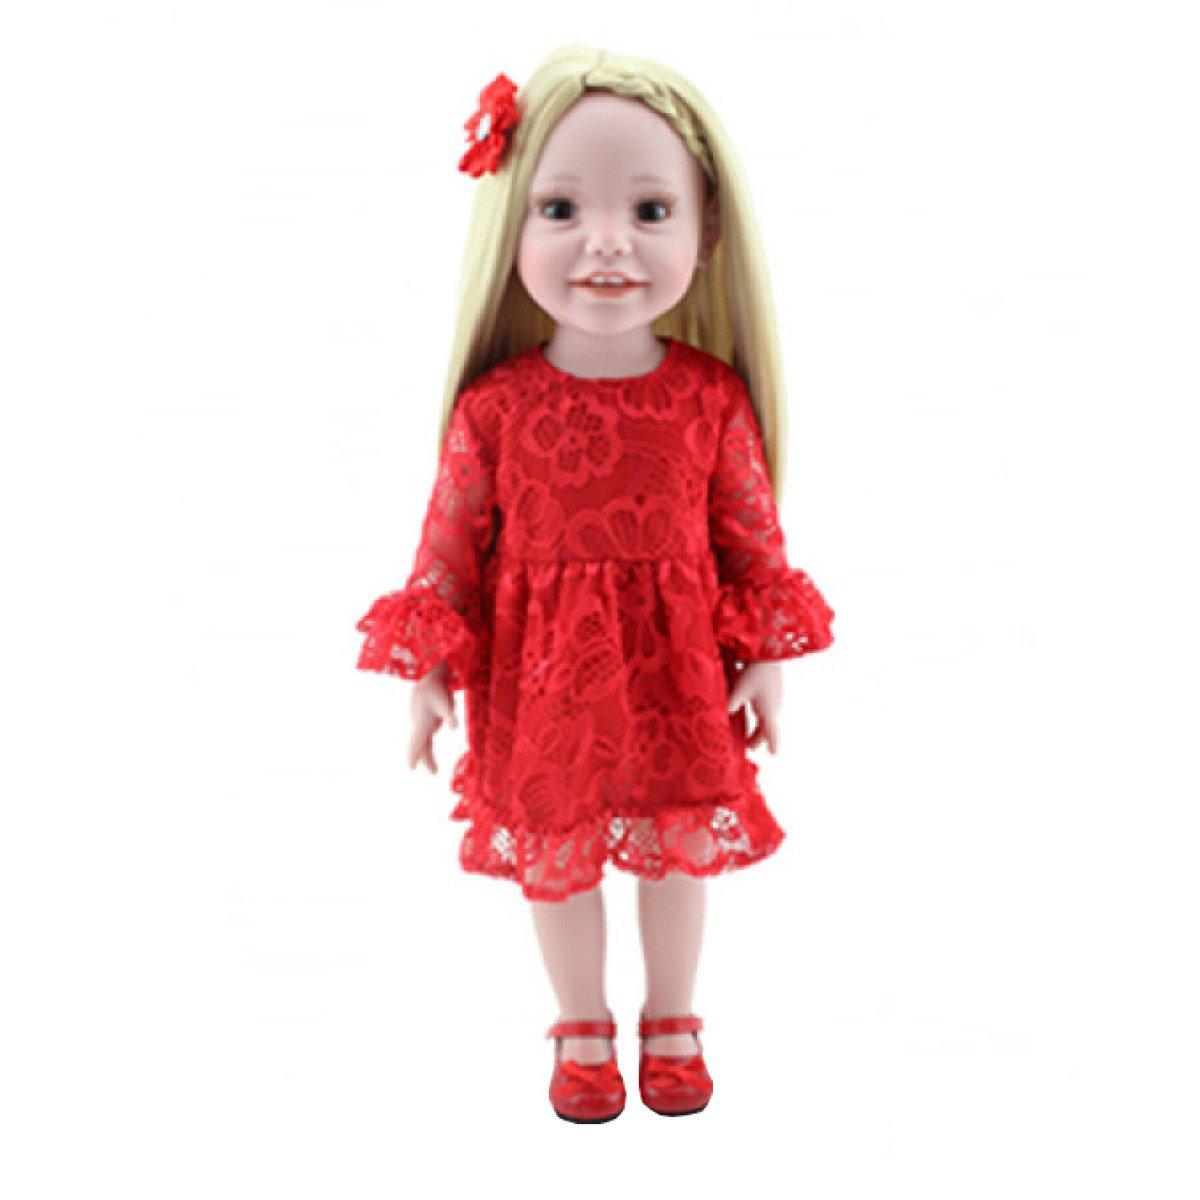 Barato Niña Simulación Niños Juguetes Renacer Body Silicone Vinyl Doll Bebé 18 Pulgadas Full Alive Baby Real Vinyl Belly Kids Toy Niños Regalo De Cumpleaños